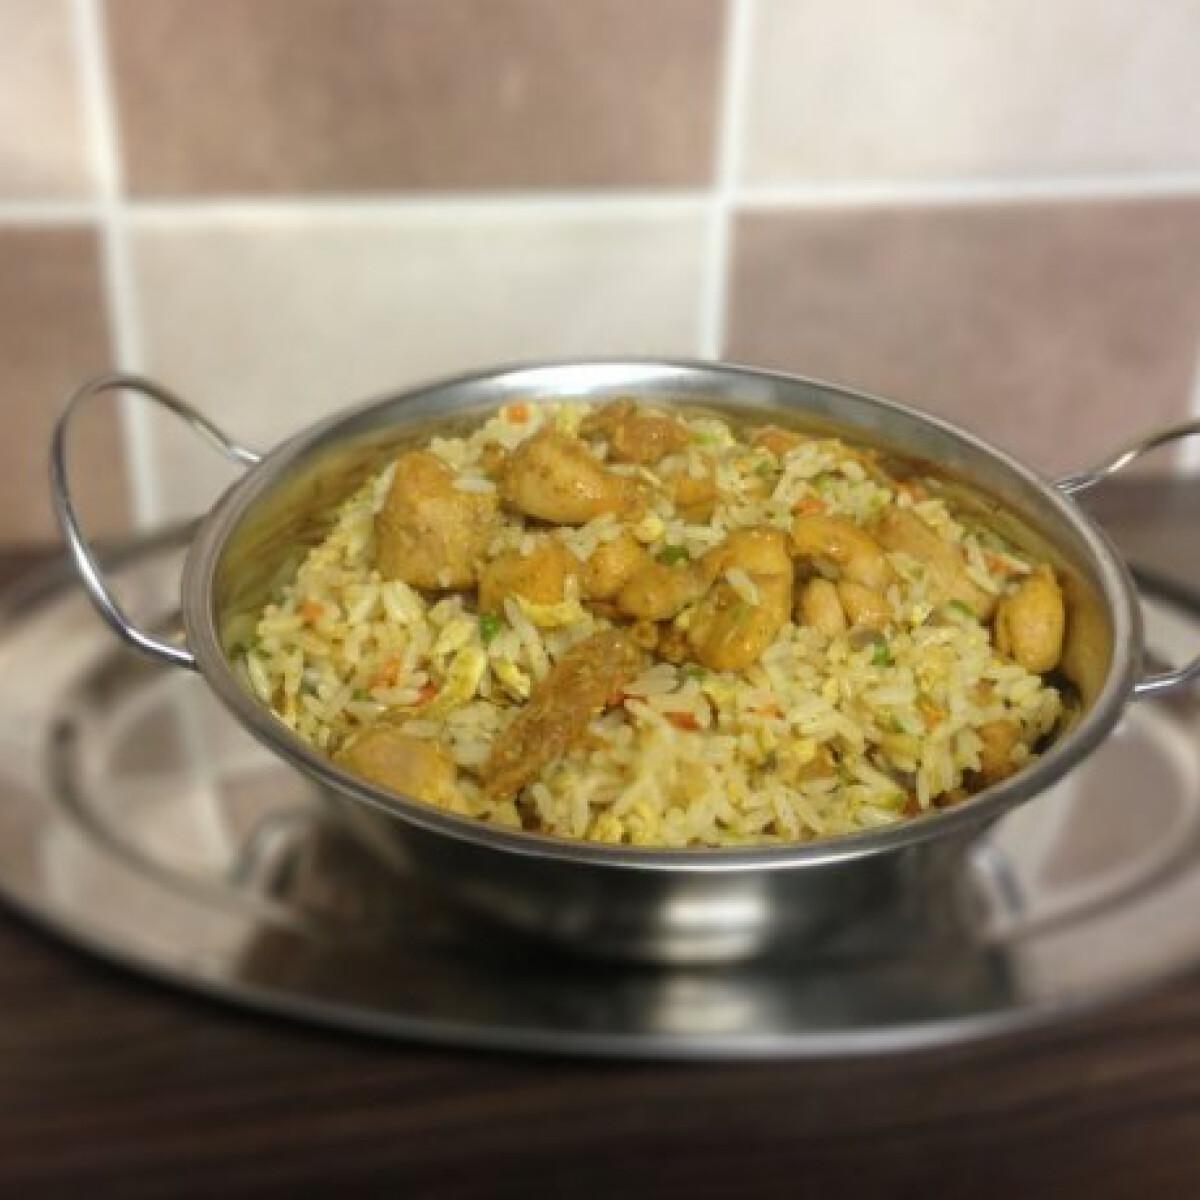 Ezen a képen: Chicken fried rice